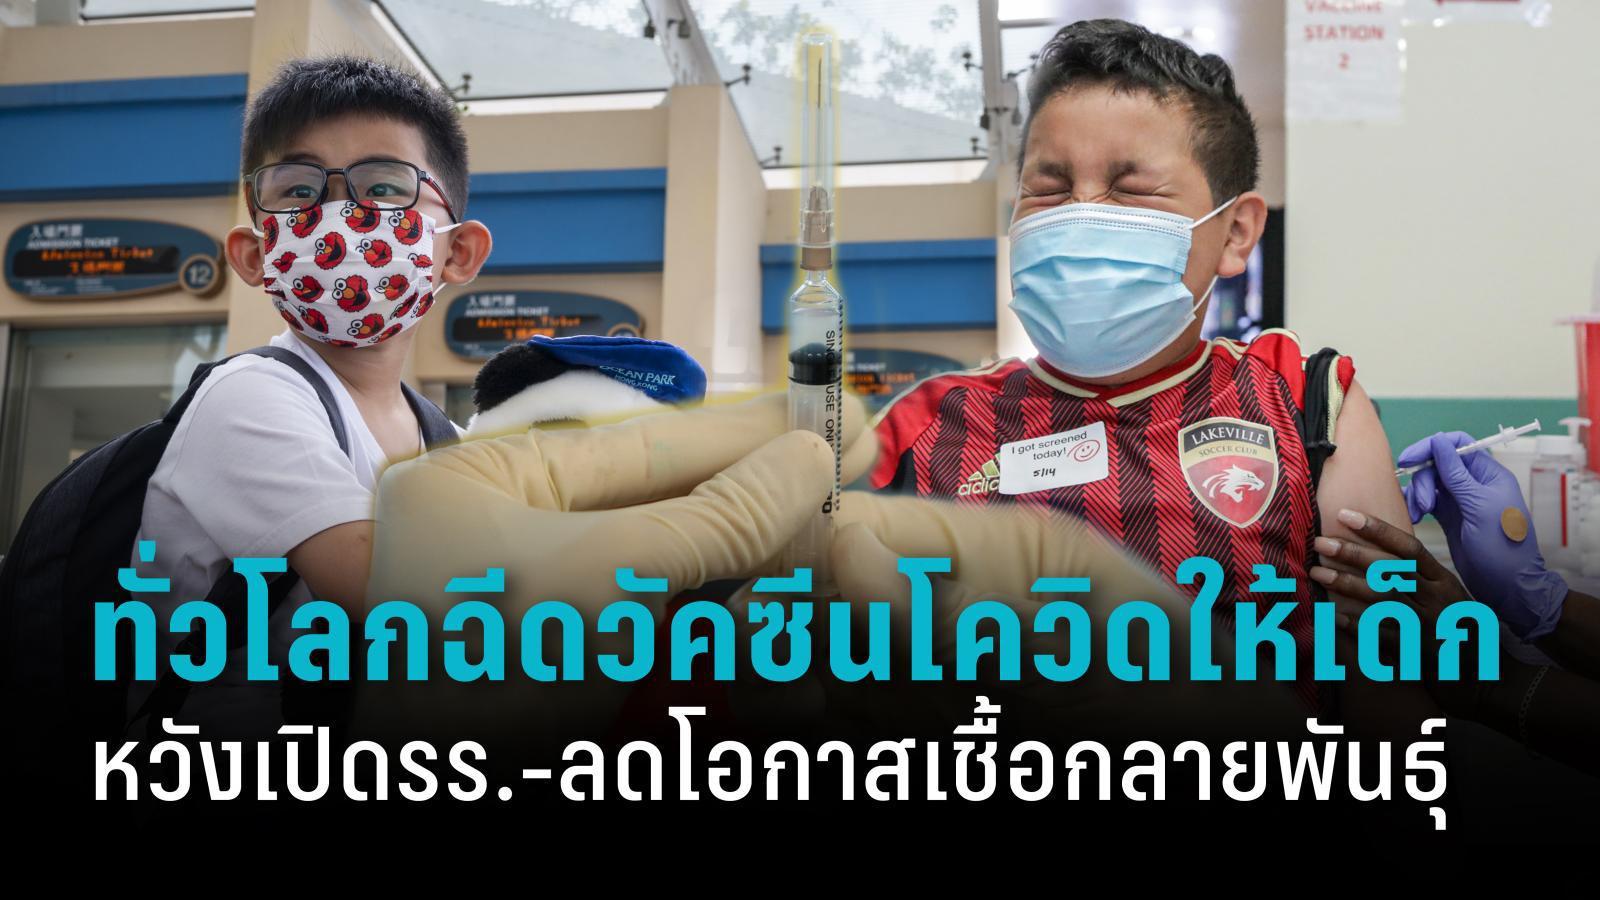 ทั่วโลกฉีดวัคซีนโควิดให้เด็ก หวังเปิดโรงเรียน-ลดโอกาสเชื้อกลายพันธุ์